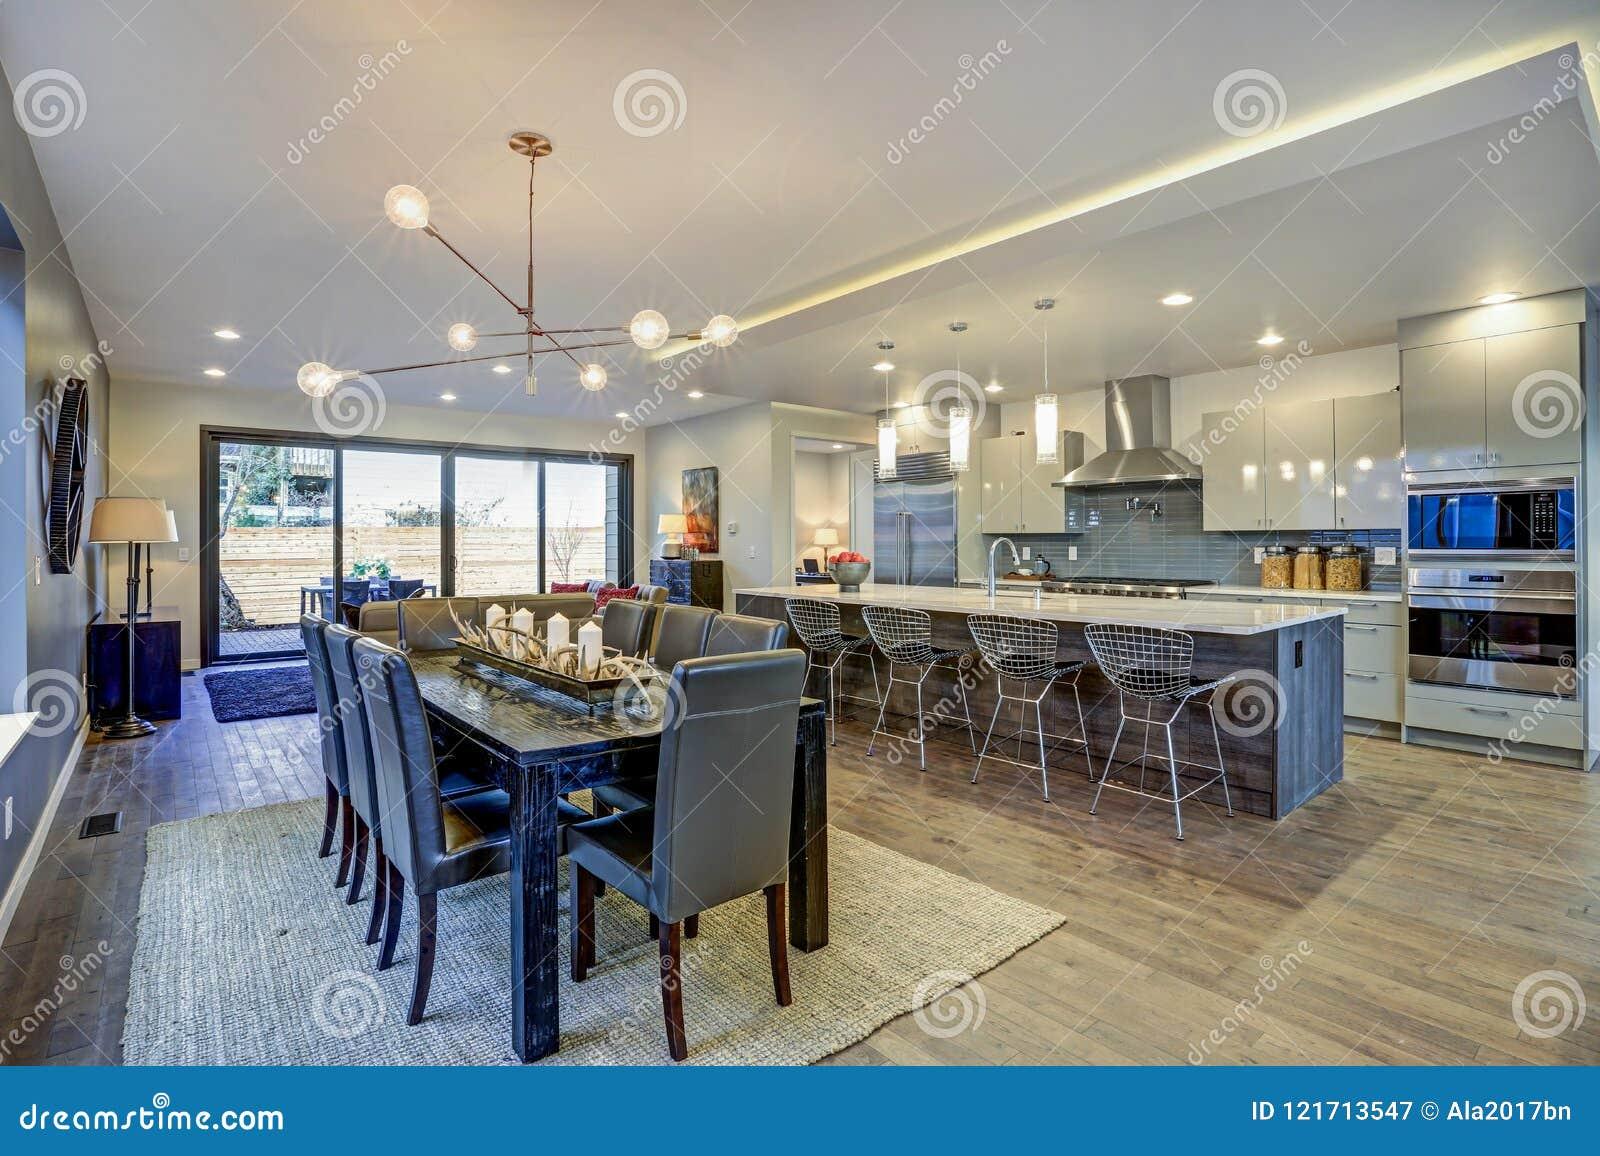 Sleek Modern Kitchen Design With A Long Center Island.